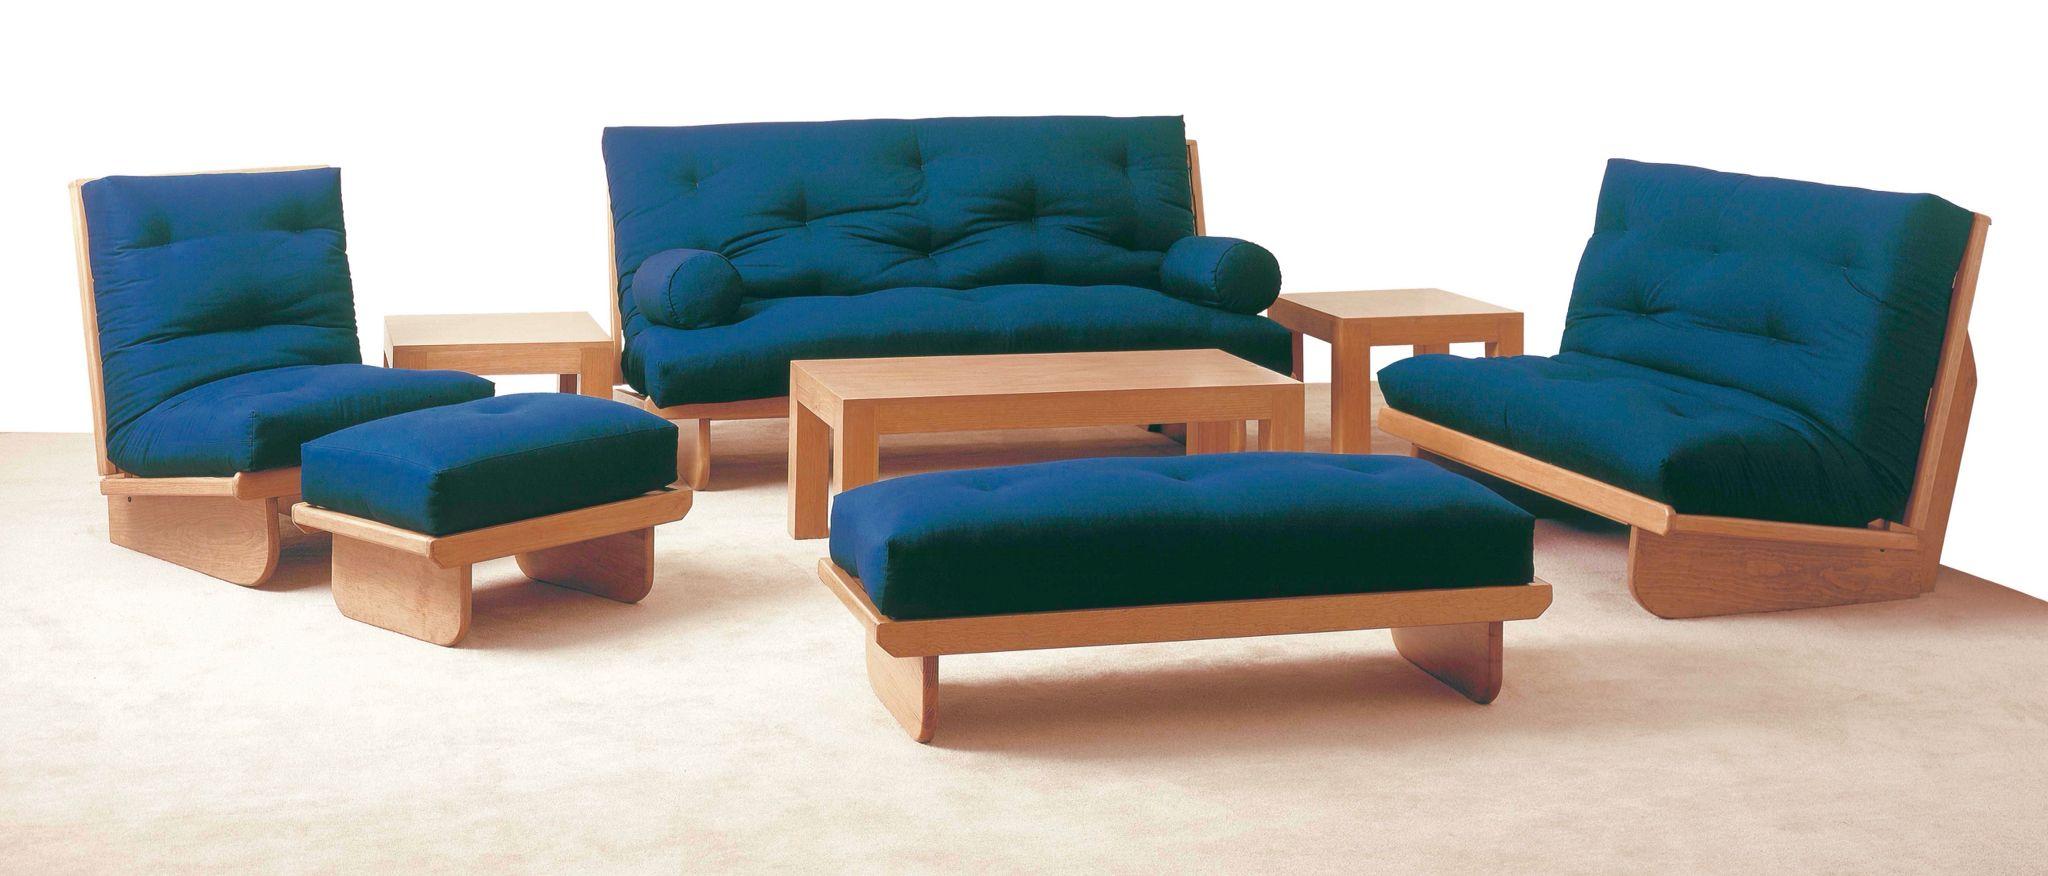 Salas completas que se hacen cama futon muebles - Sillones que se hacen cama ...